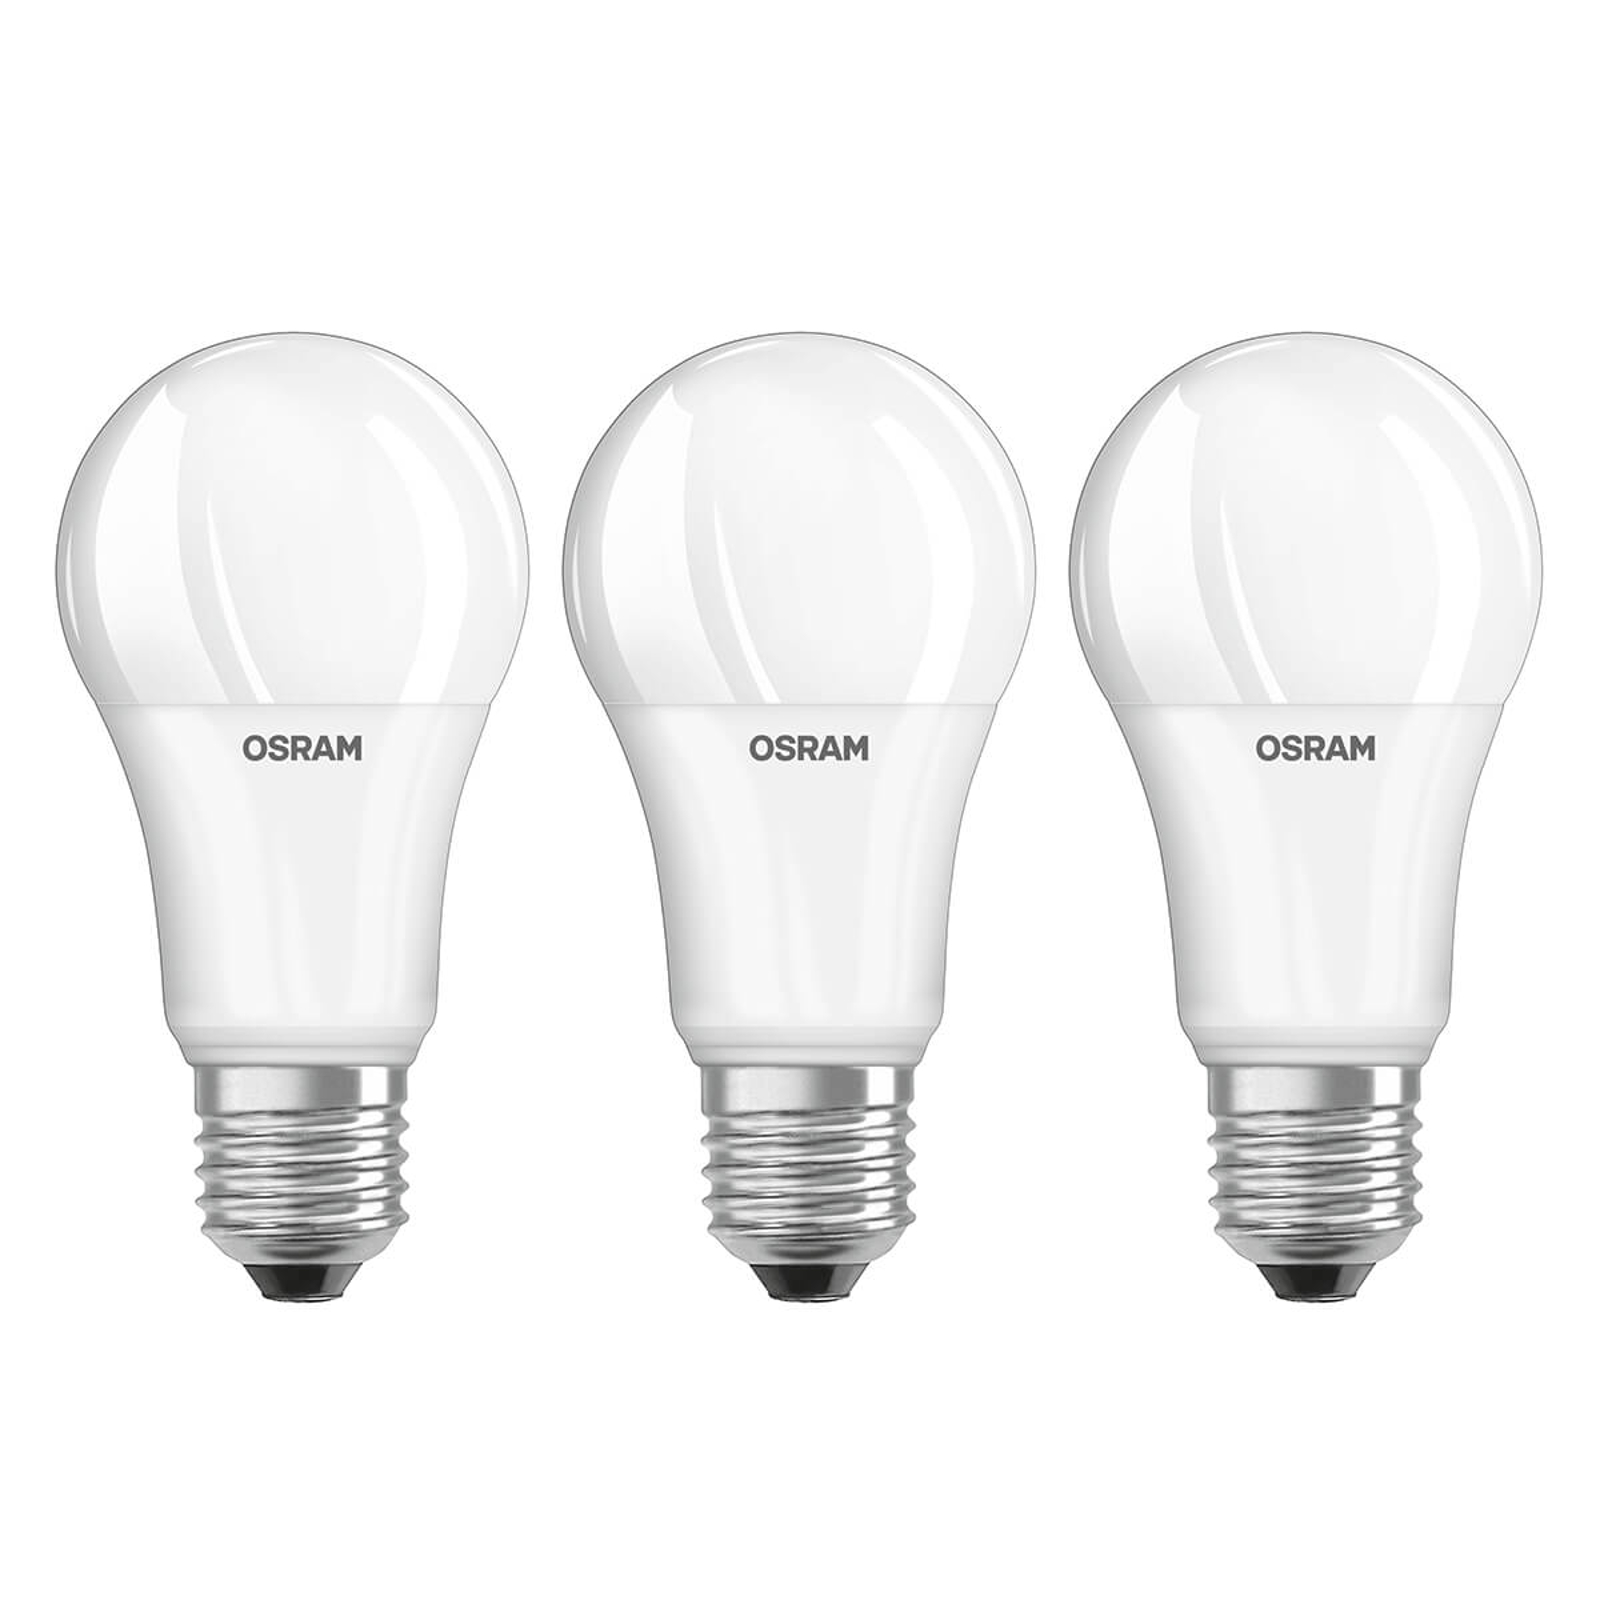 LED lamp E27 13W, universeel wit, set v. 3